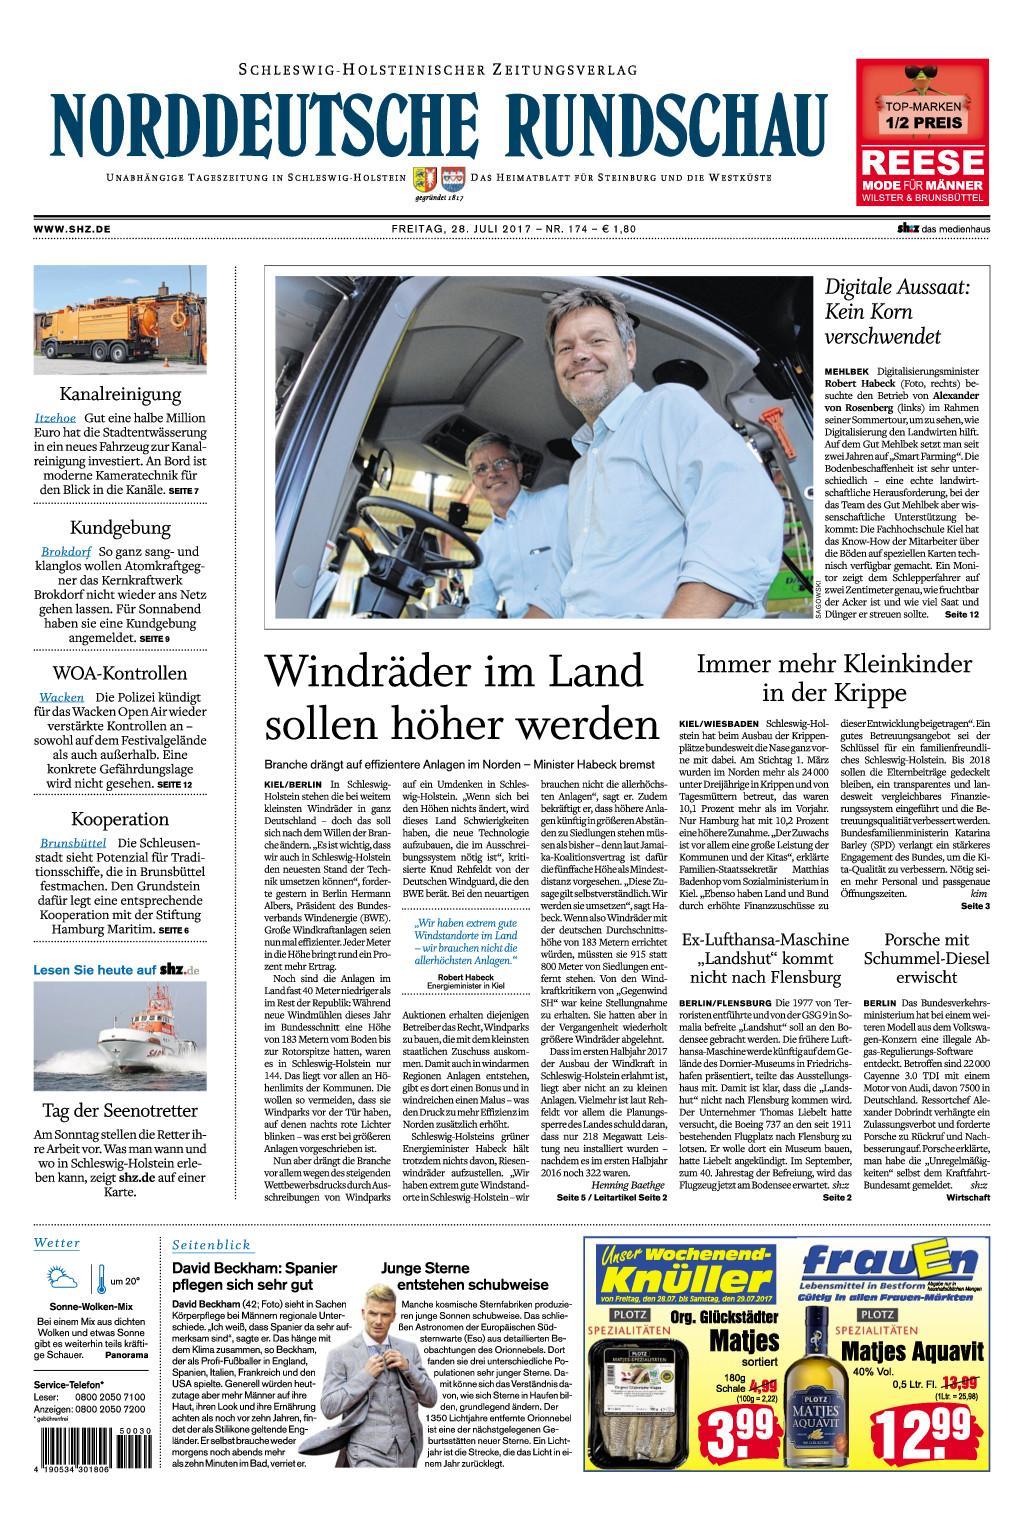 Nrrddeutsche Rundschau 28 Juli 2017